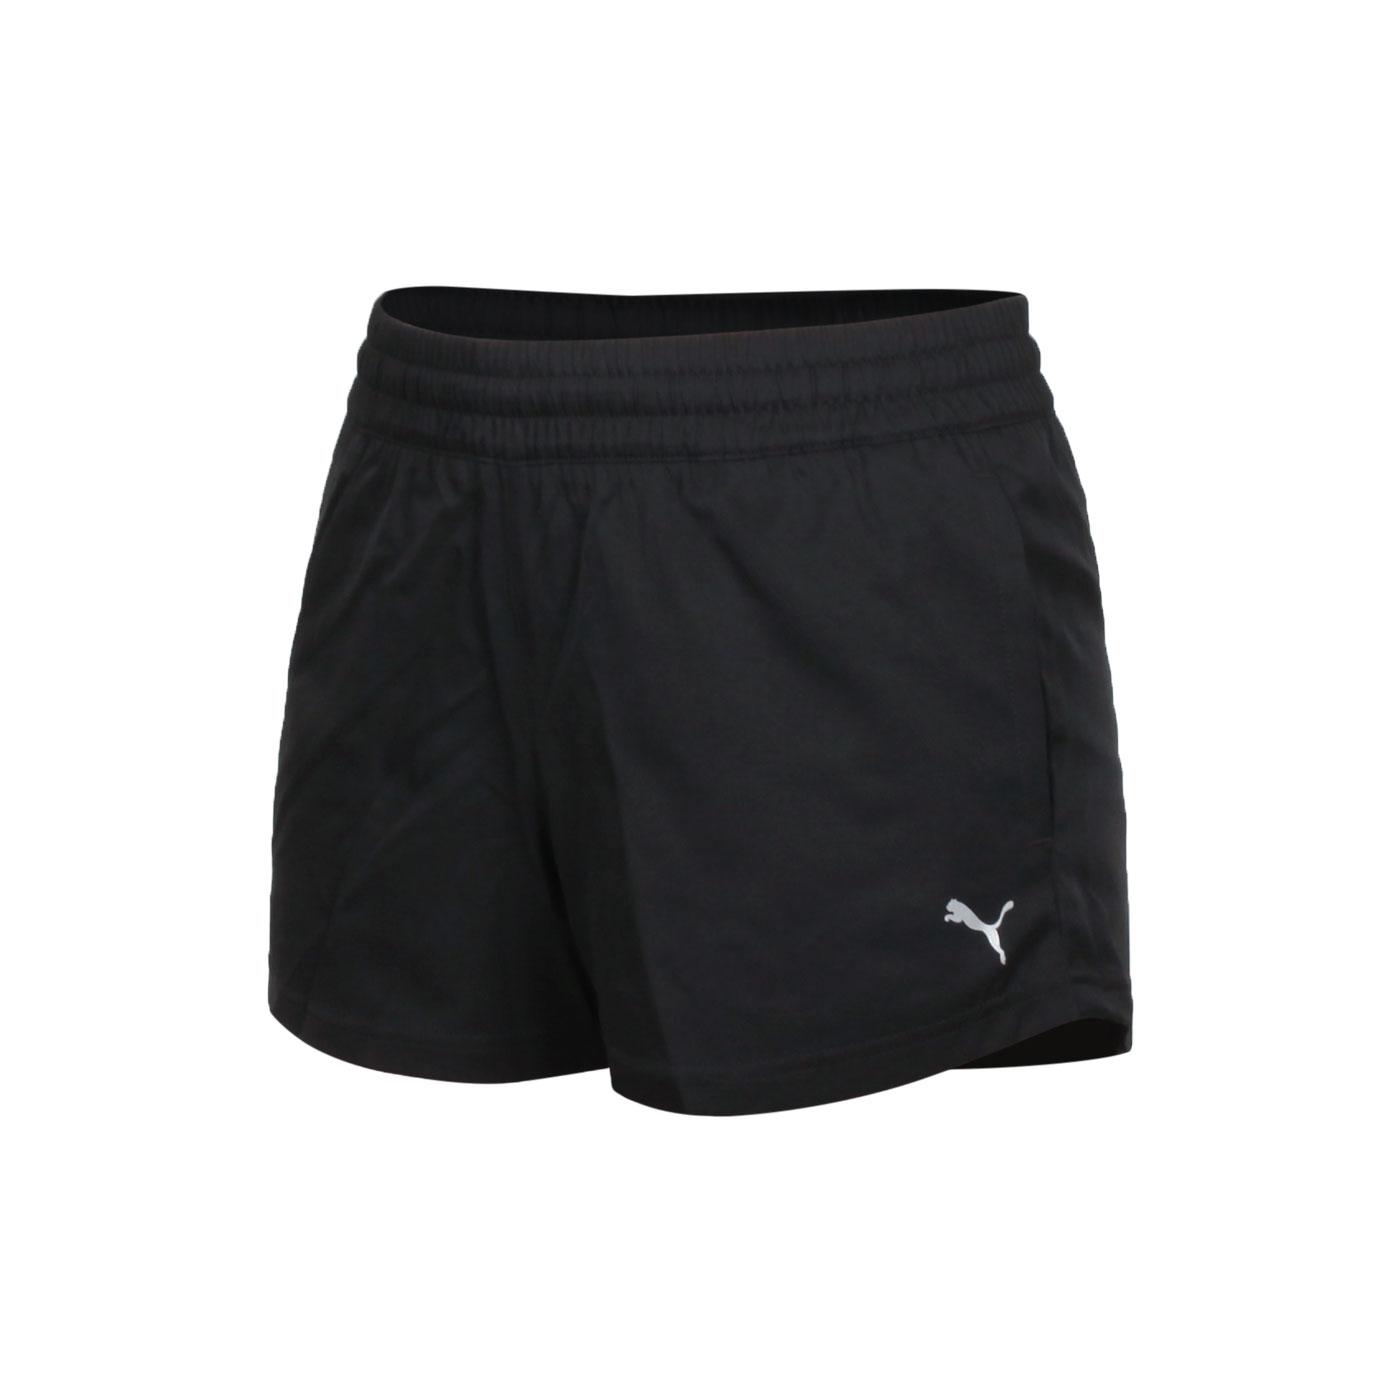 PUMA 訓練系列ESS女款3吋短風褲 52031201